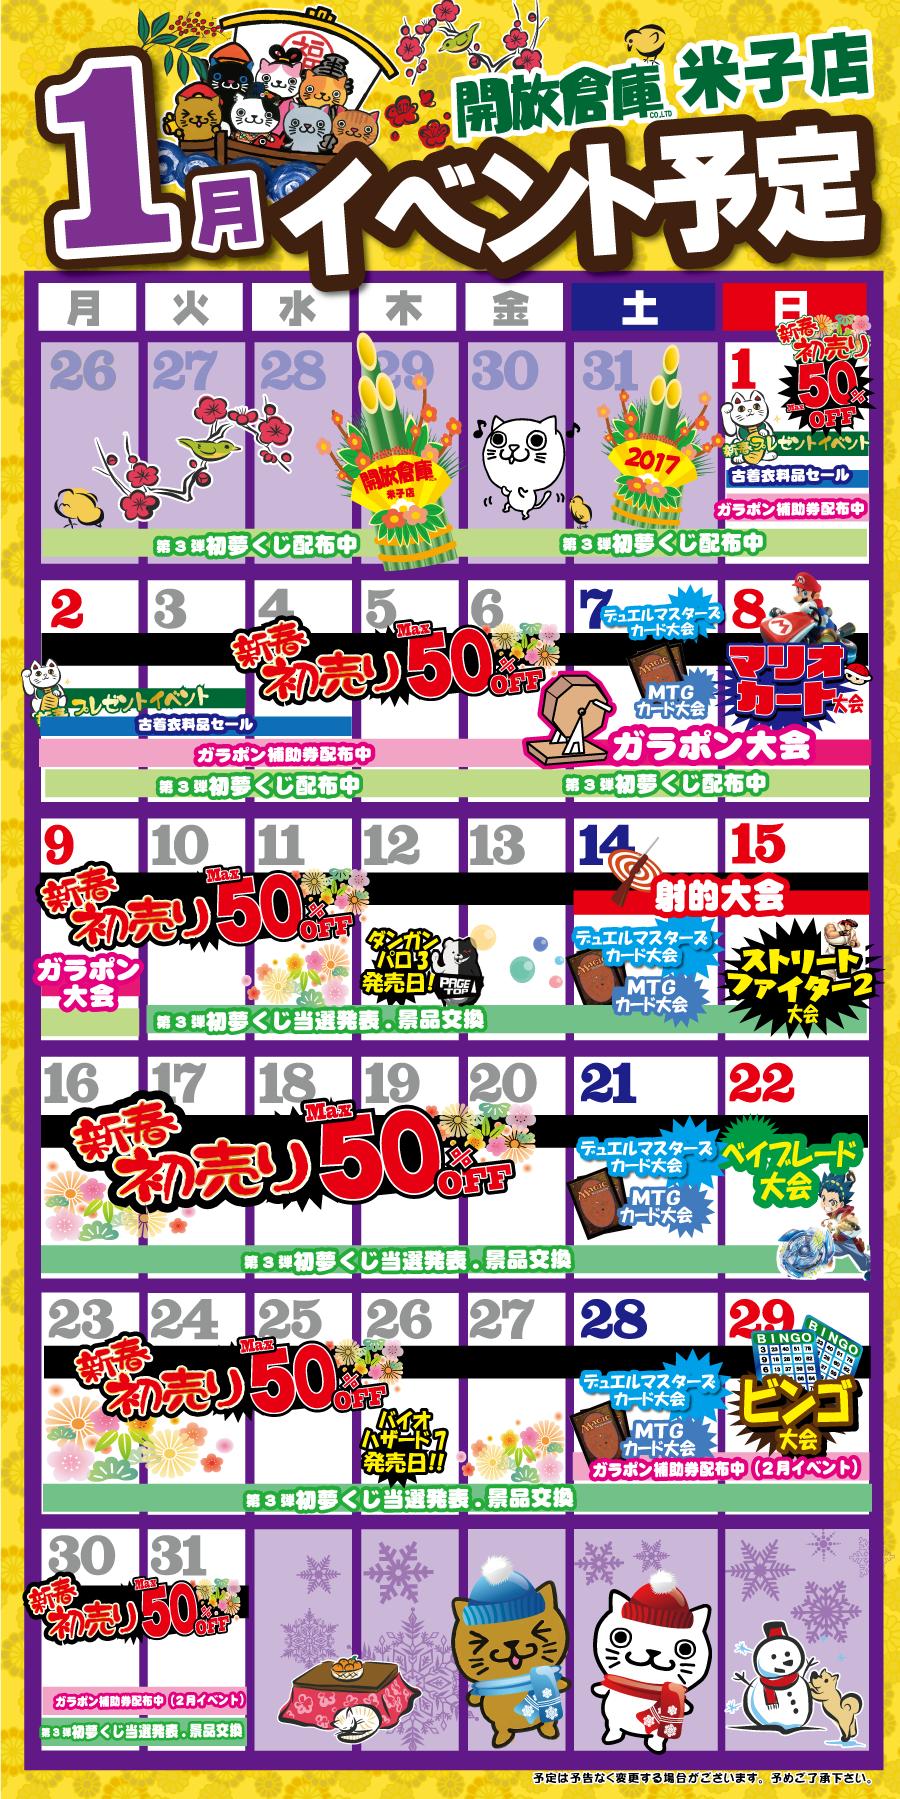 「開放倉庫米子店」2017年1月イベント予定表を公開!!